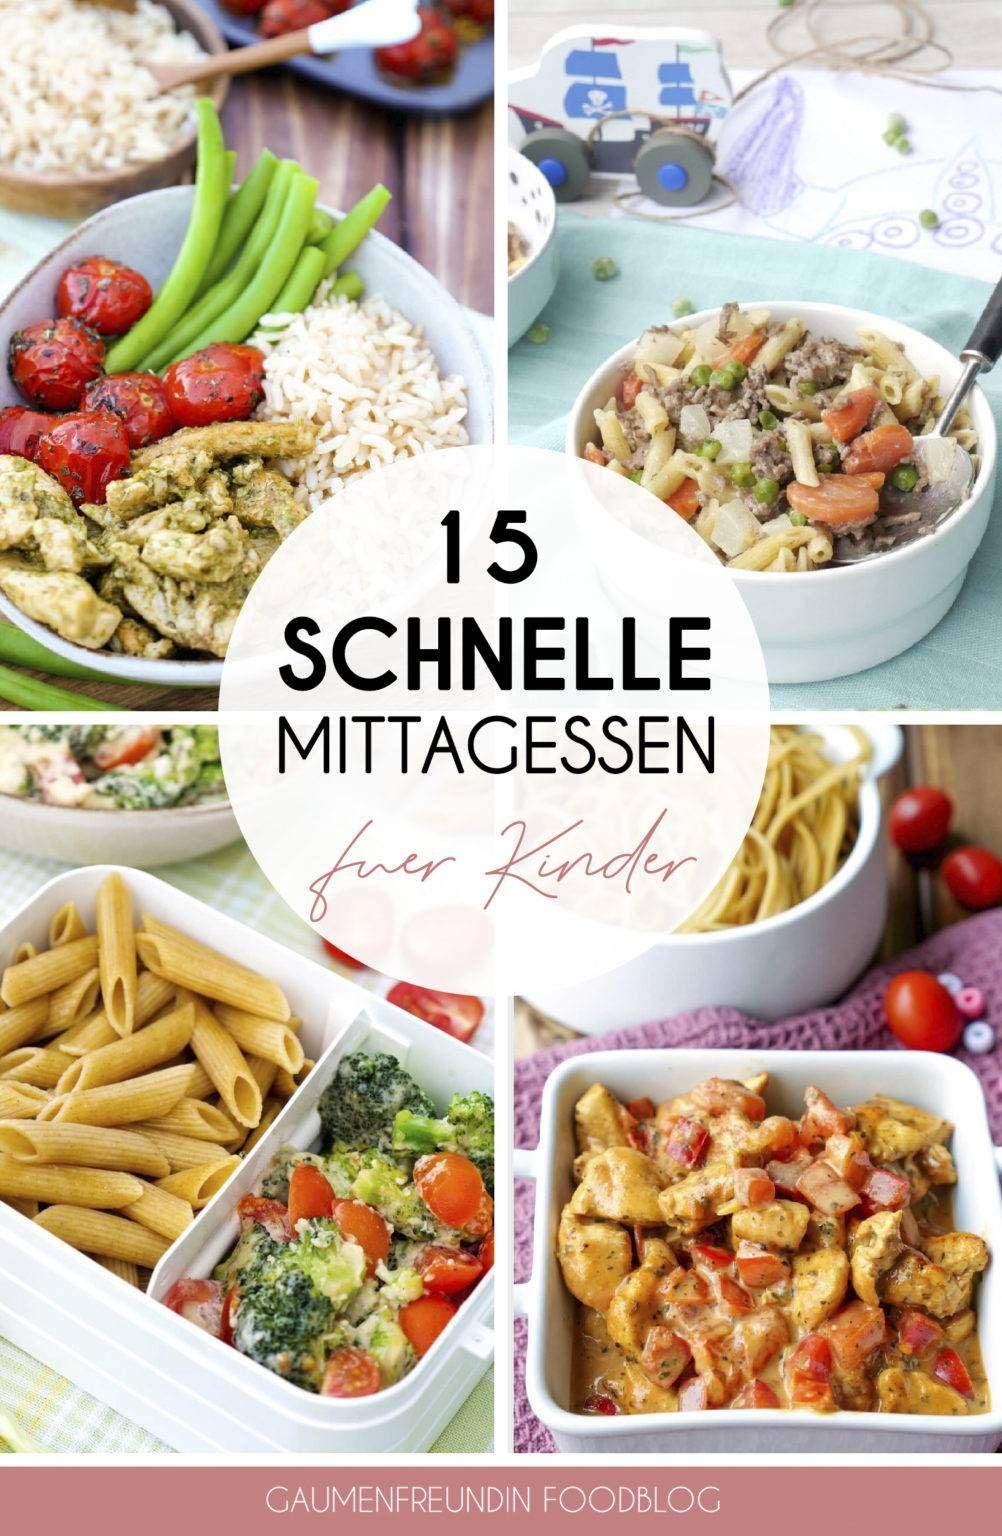 Photo of 15 schnelle und gesunde Mittagessen für Kinder und die ganze Familie